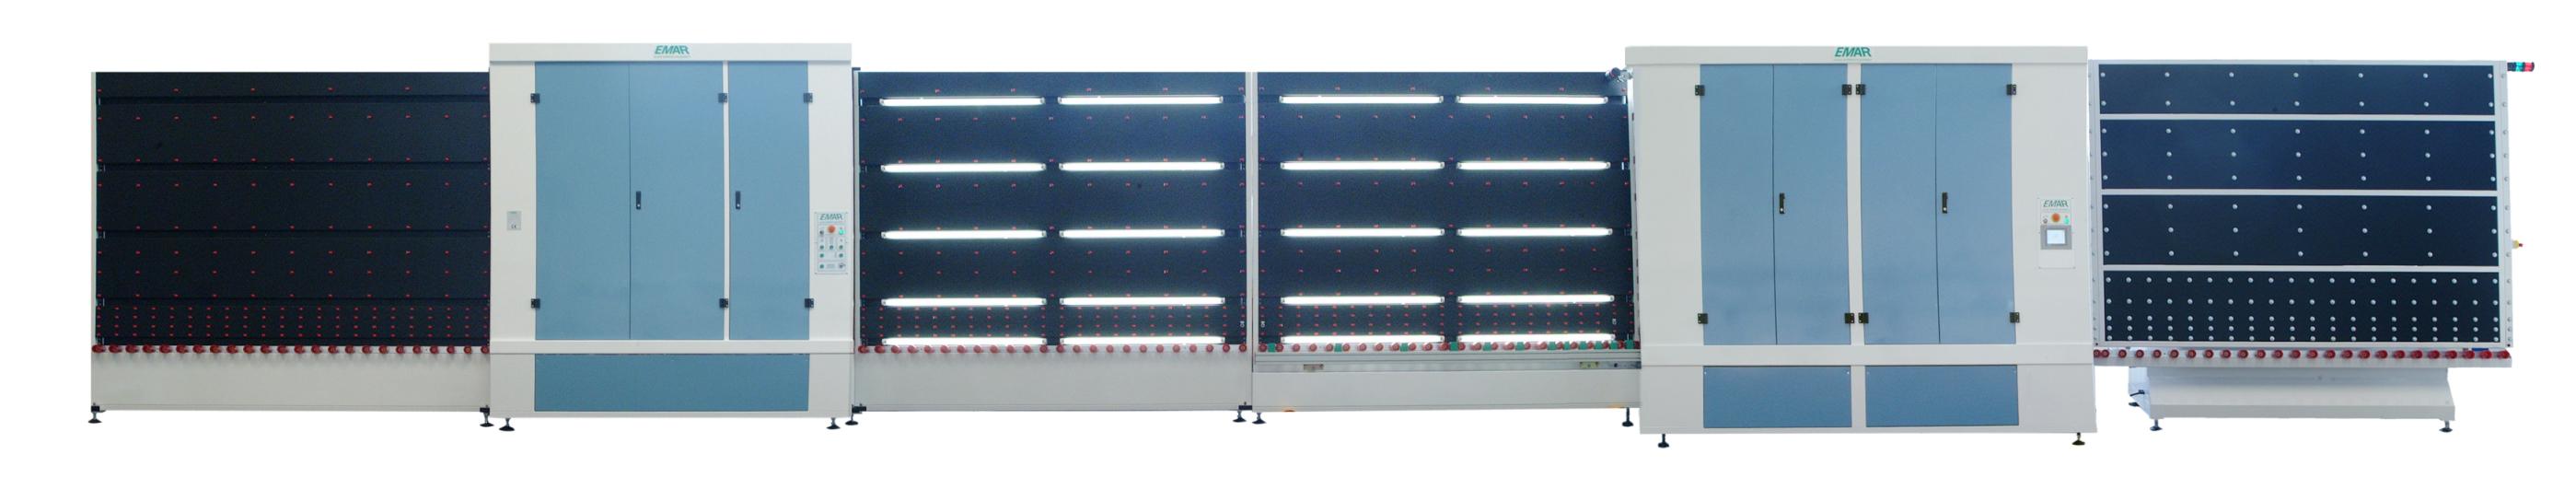 M1602PA-2002PA